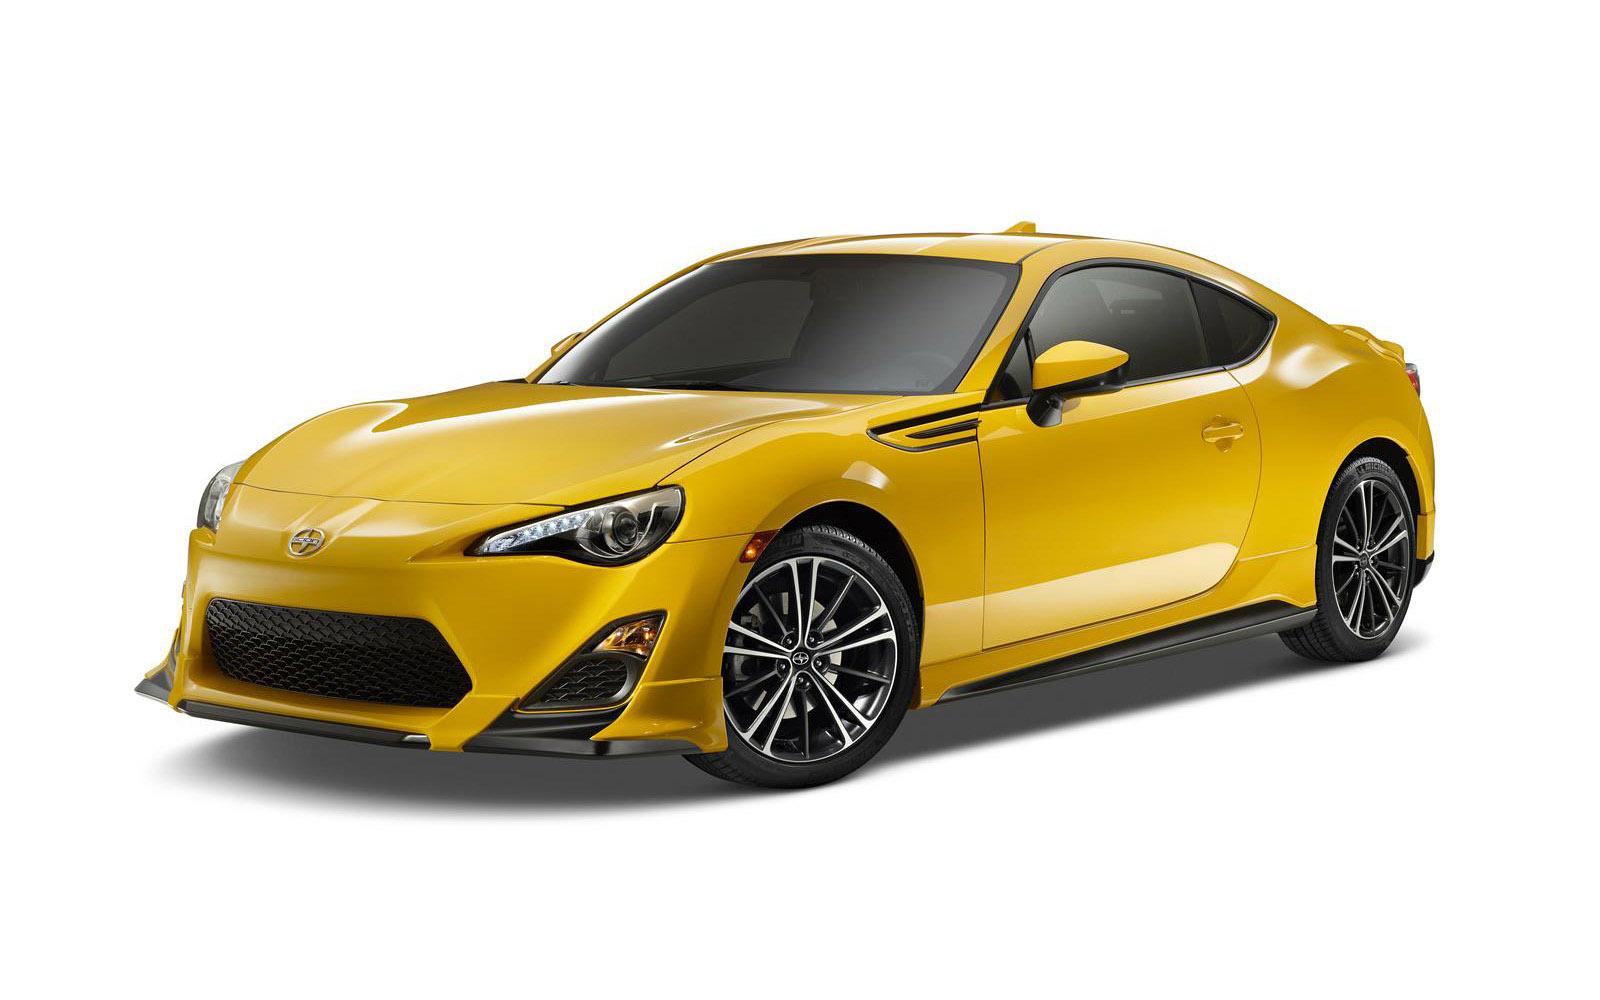 2015 Scion FR-S Special Edition – TRD Upgrades